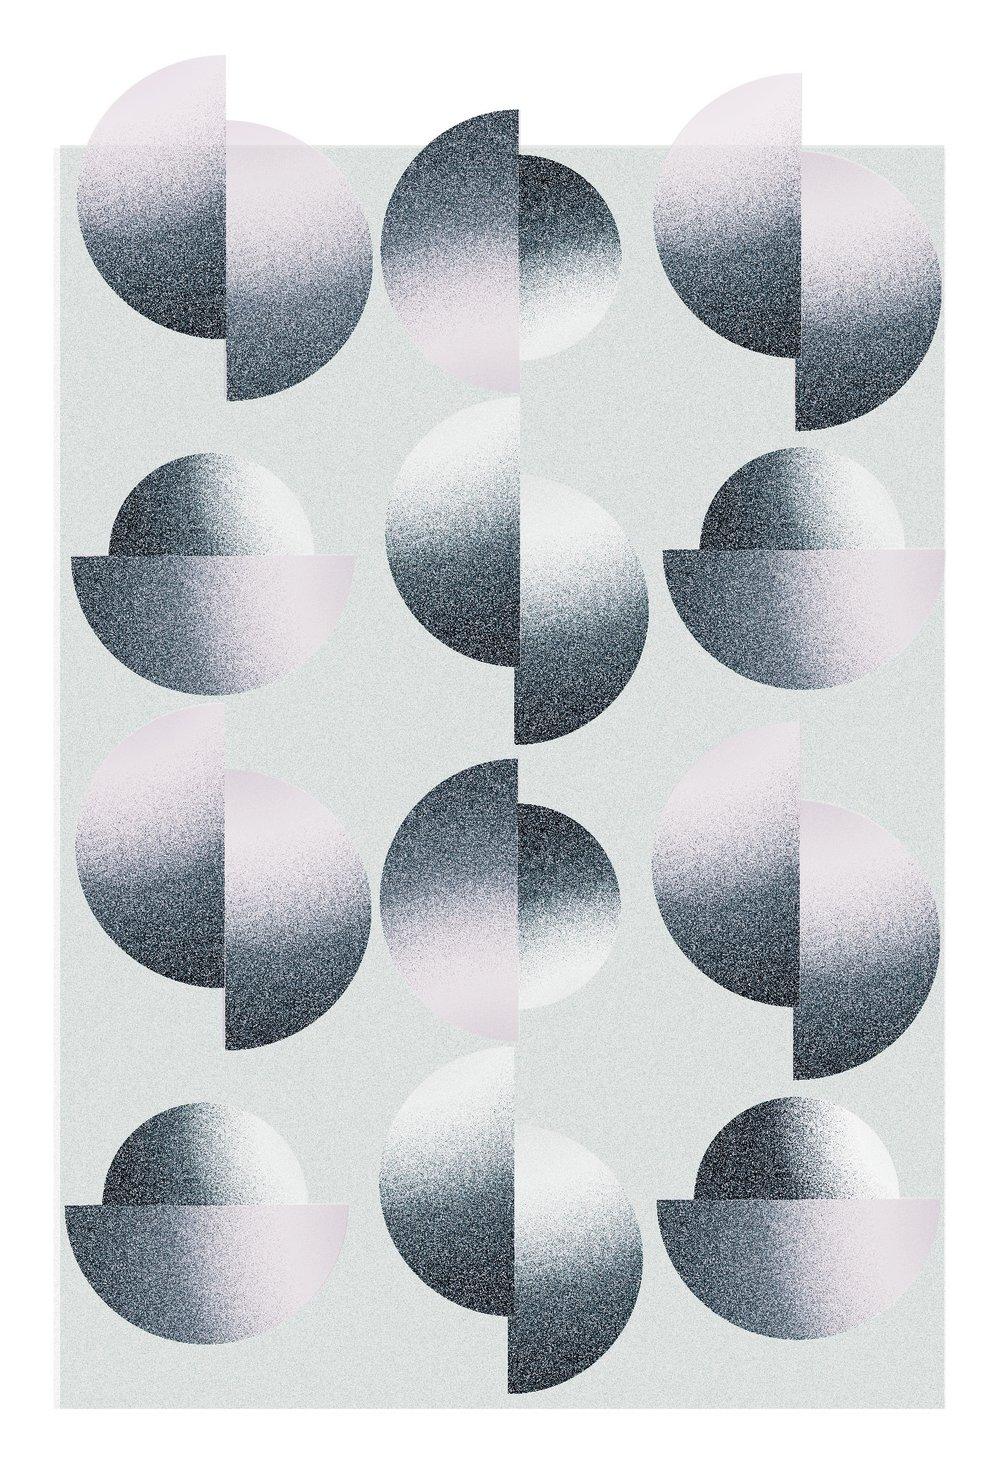 Paul+Klee+4.jpg